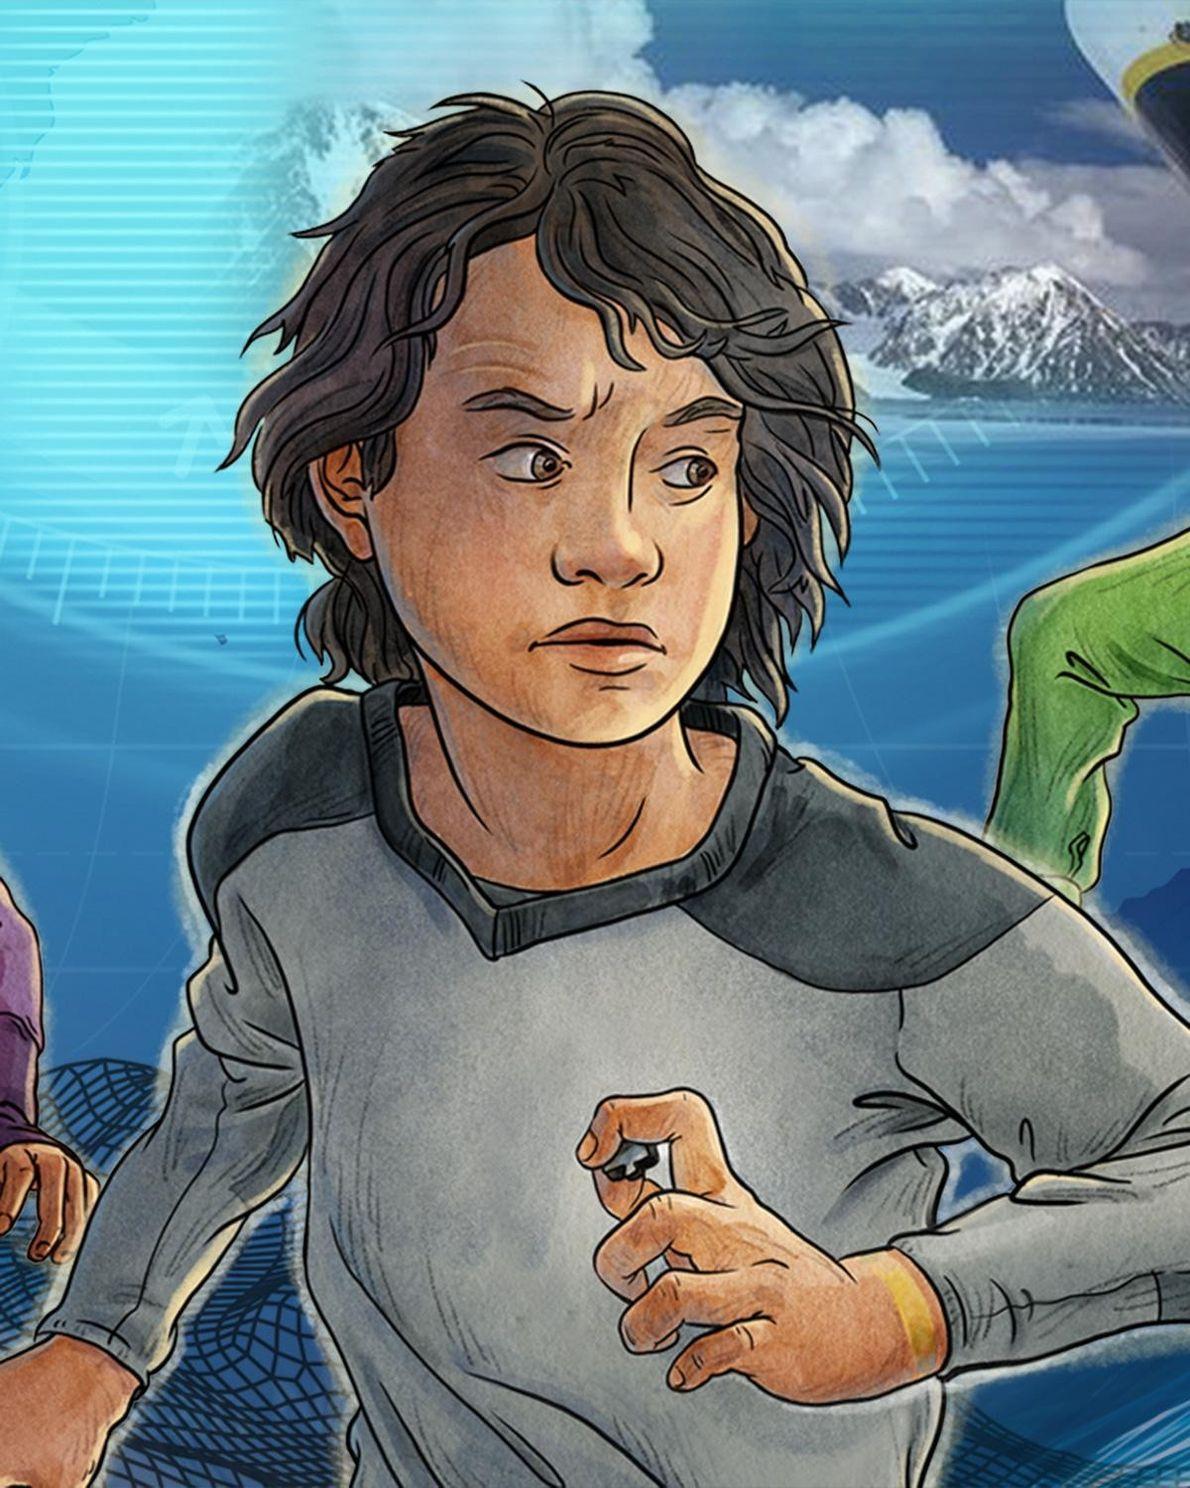 Cruz Coronado acaba de entrar na prestigiada Academia dos Exploradores, lugar onde sua mãe faleceu em …